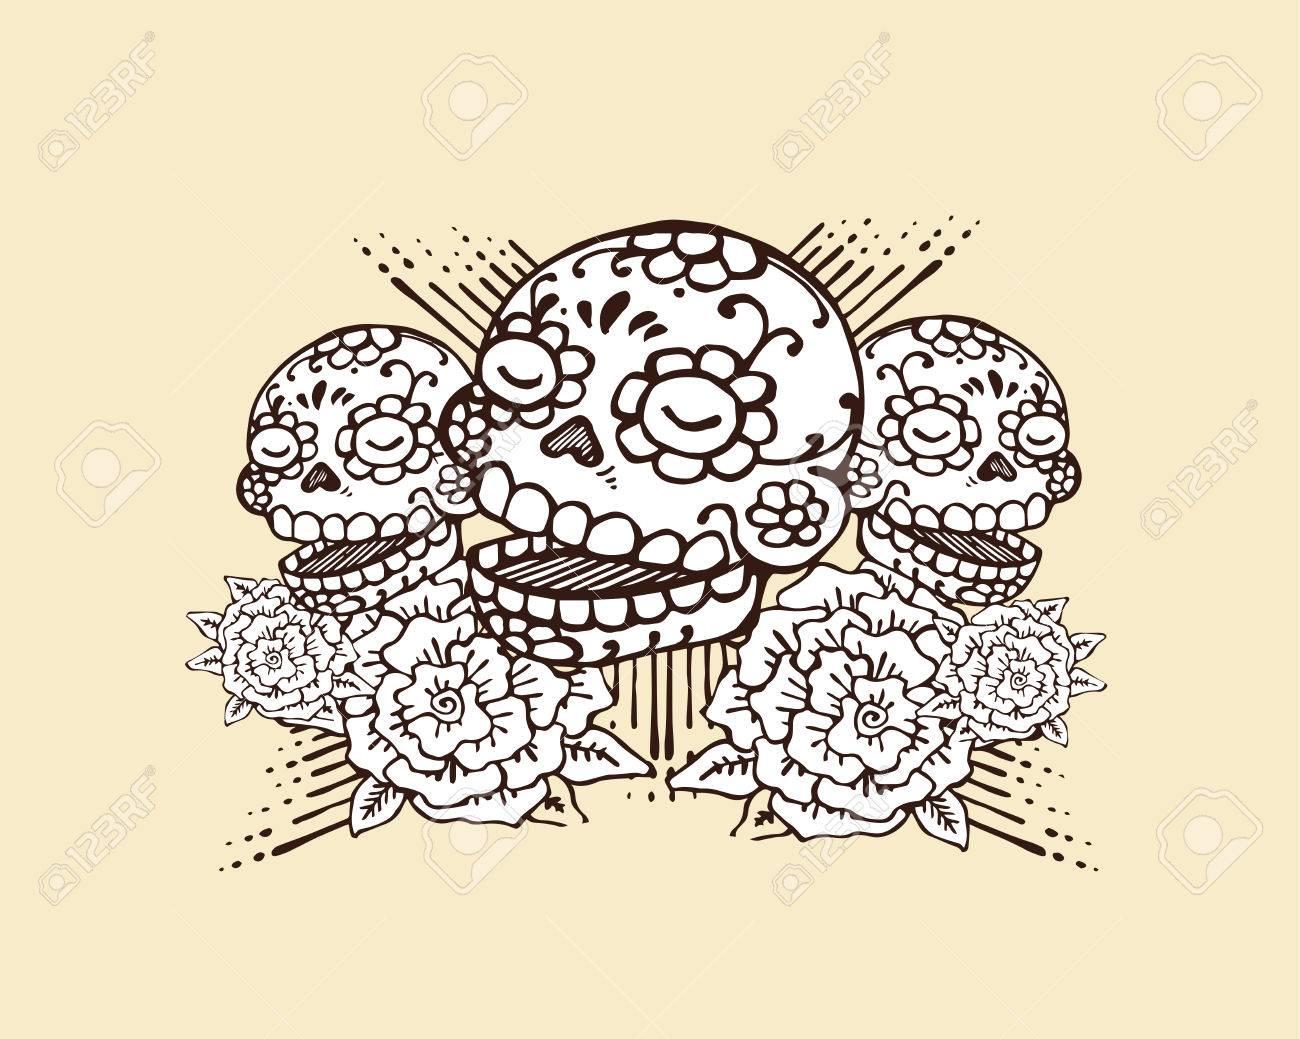 Dessin Representant La Mort le jour dessinés à la main vecteur illustration ou un dessin de